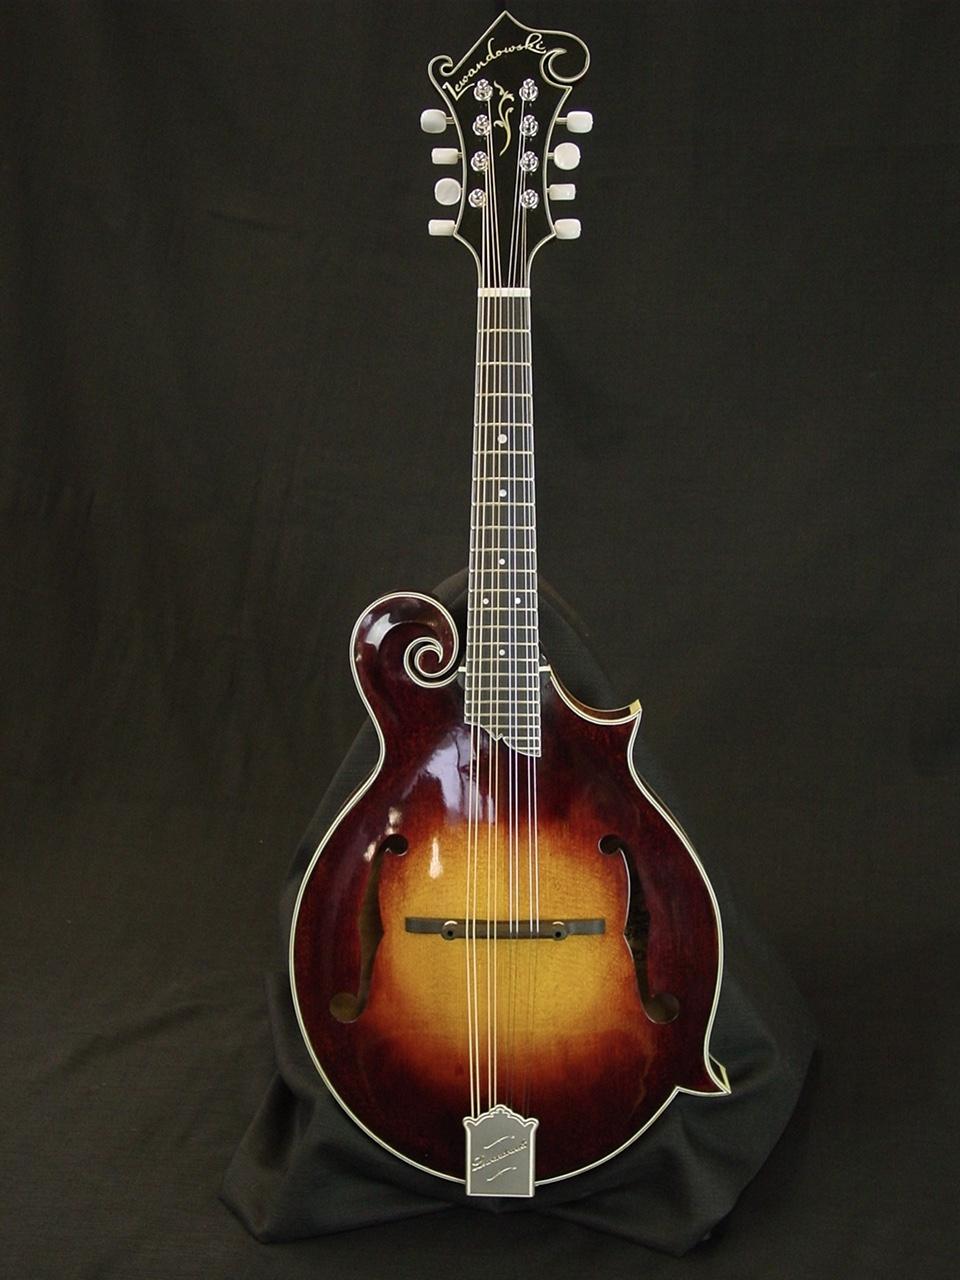 river f5 mandolin Mike P. demo stock f5 014 016 006